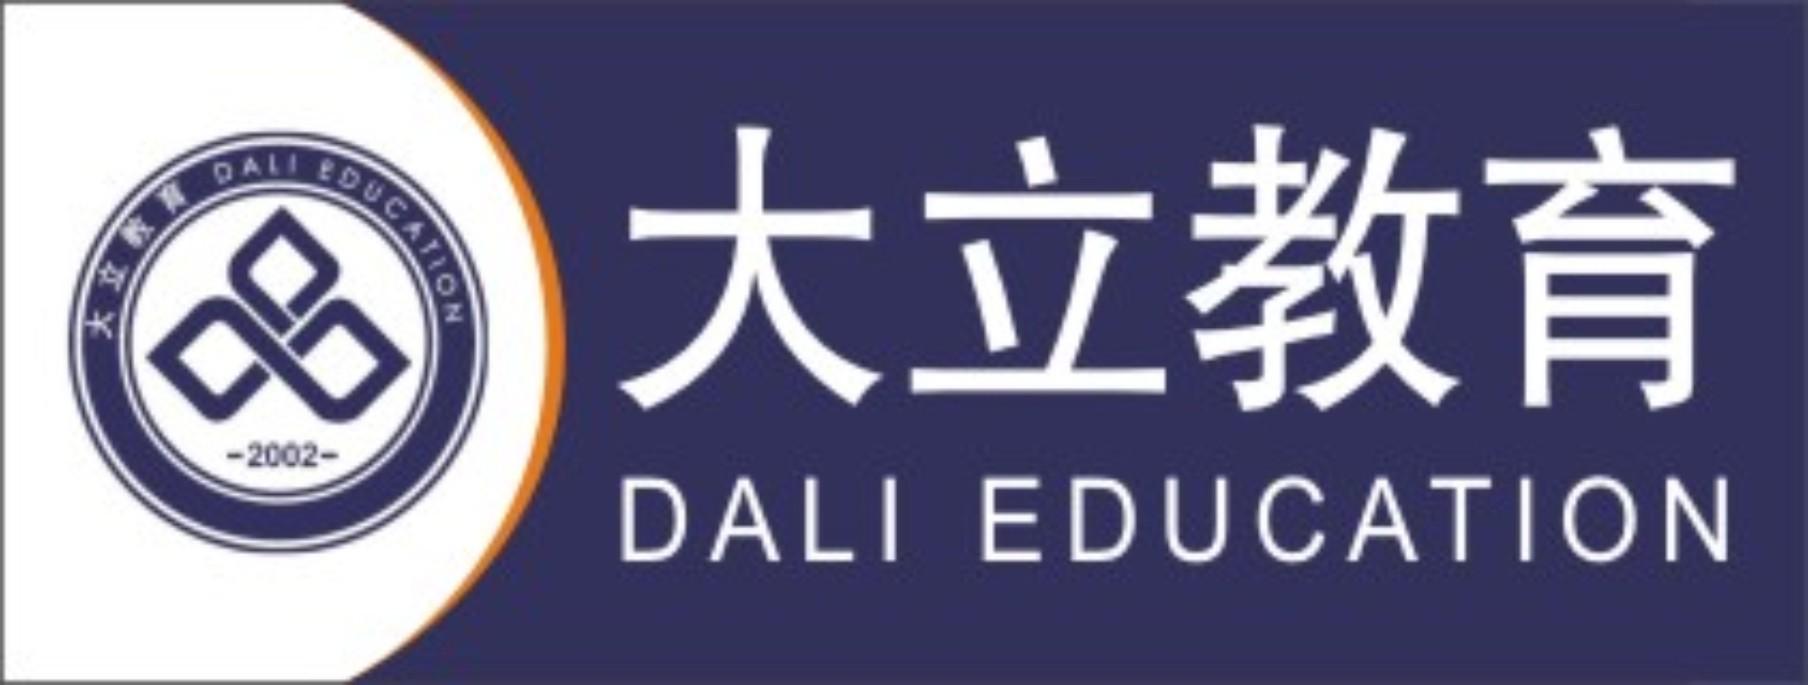 大立教育培训学校-岳阳招聘